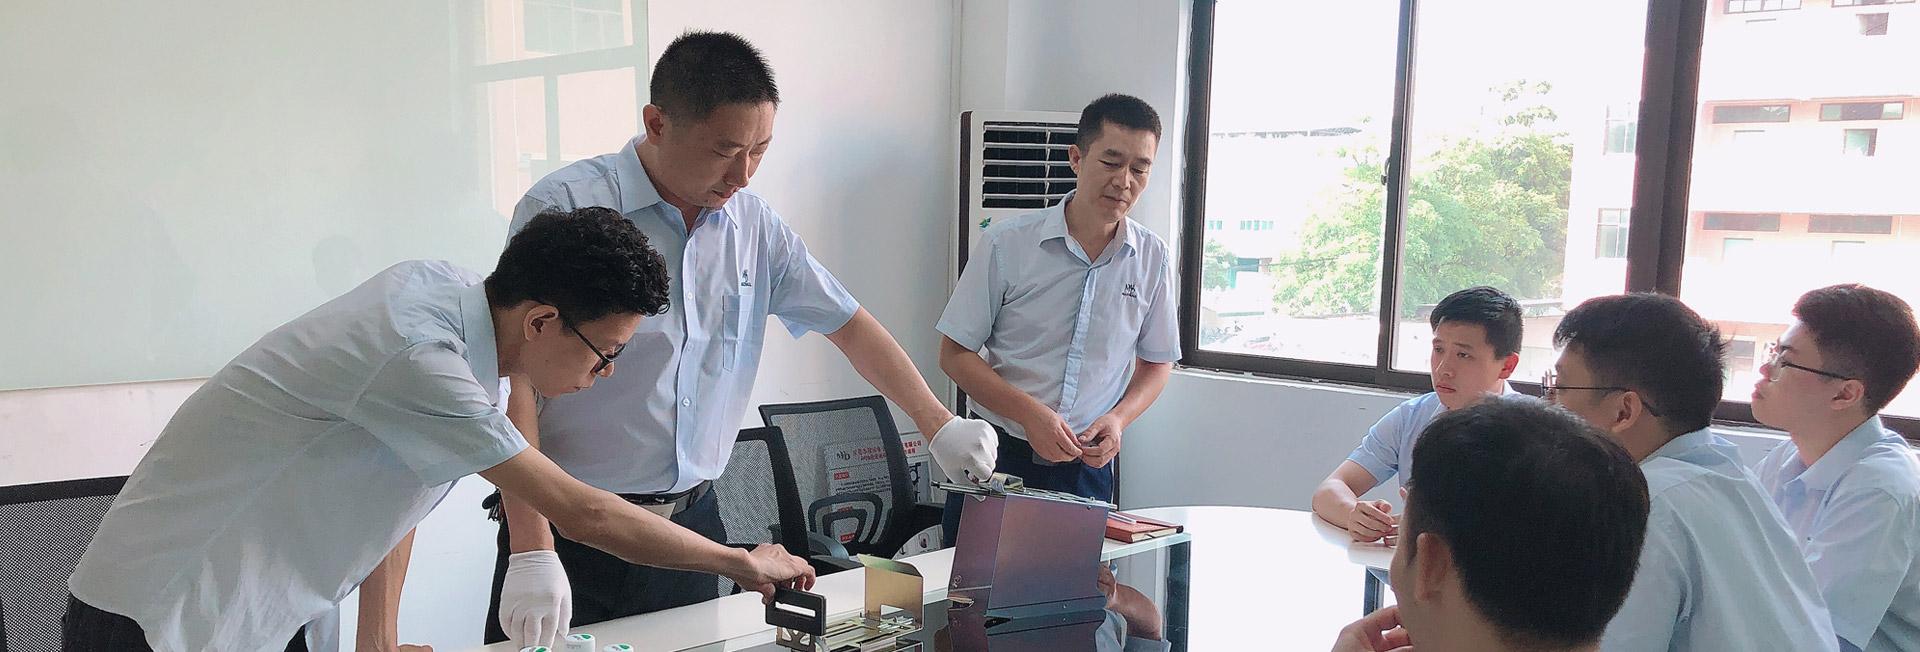 维运-工程部出DFM报告 提供合适解决方案